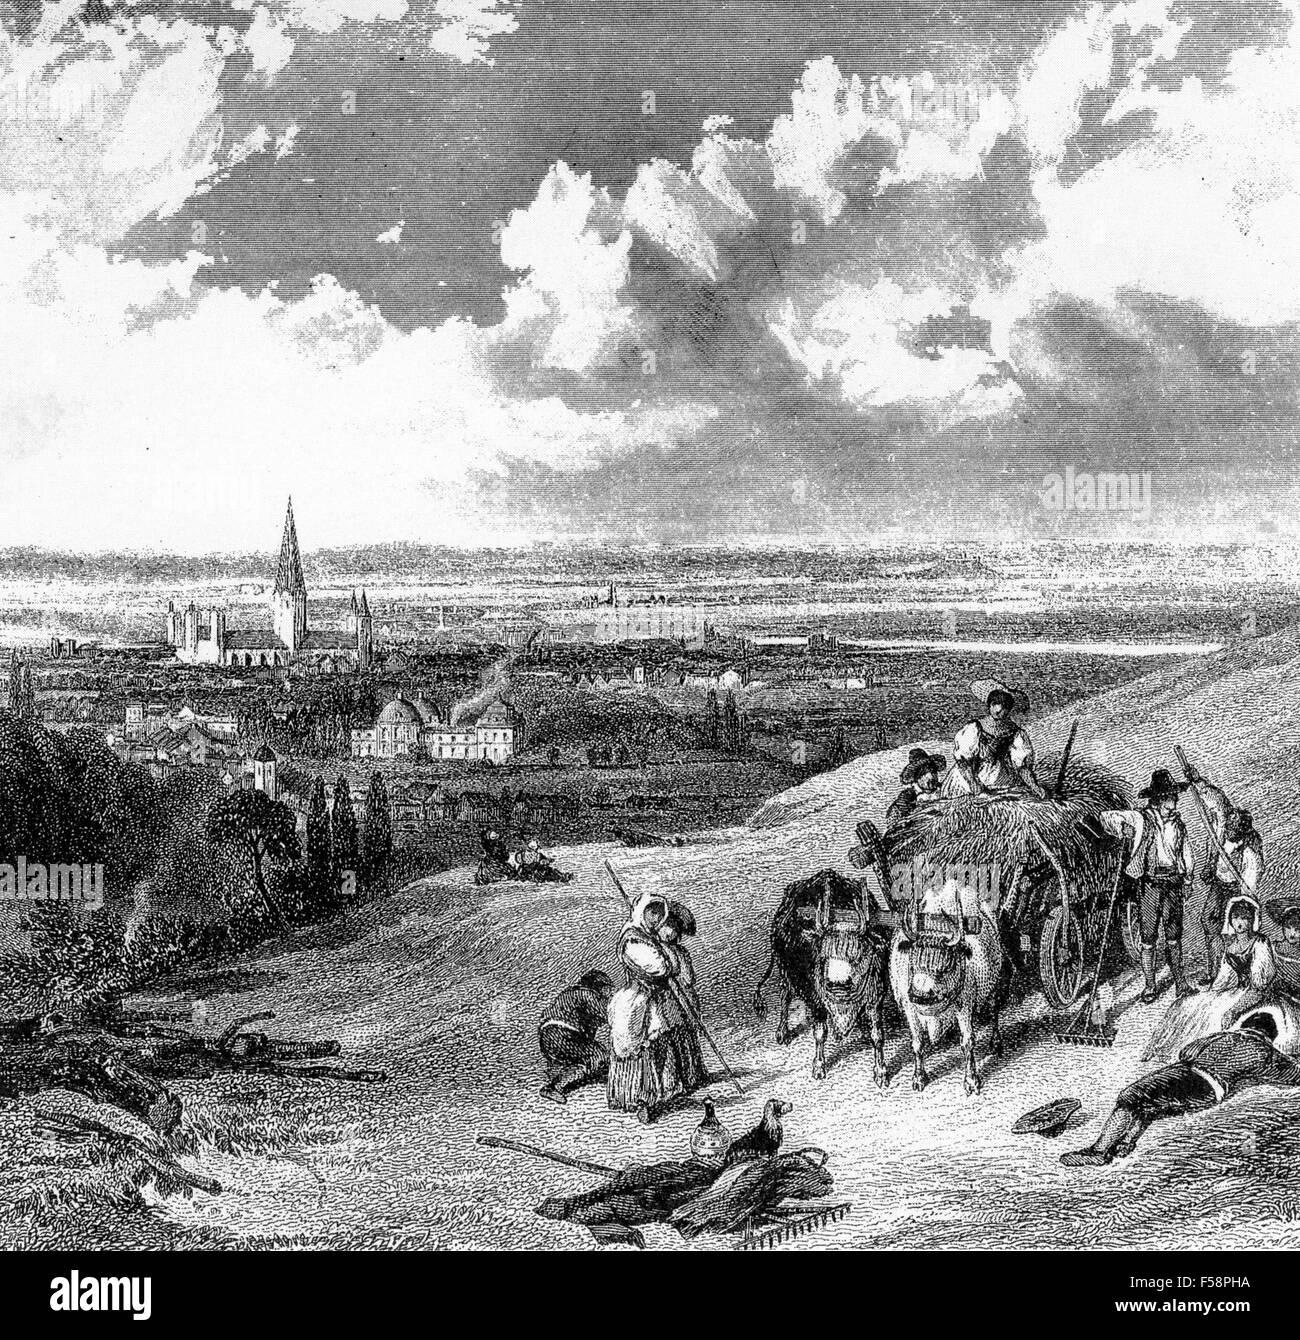 BONN, Germania. Incisione del xviii secolo Immagini Stock